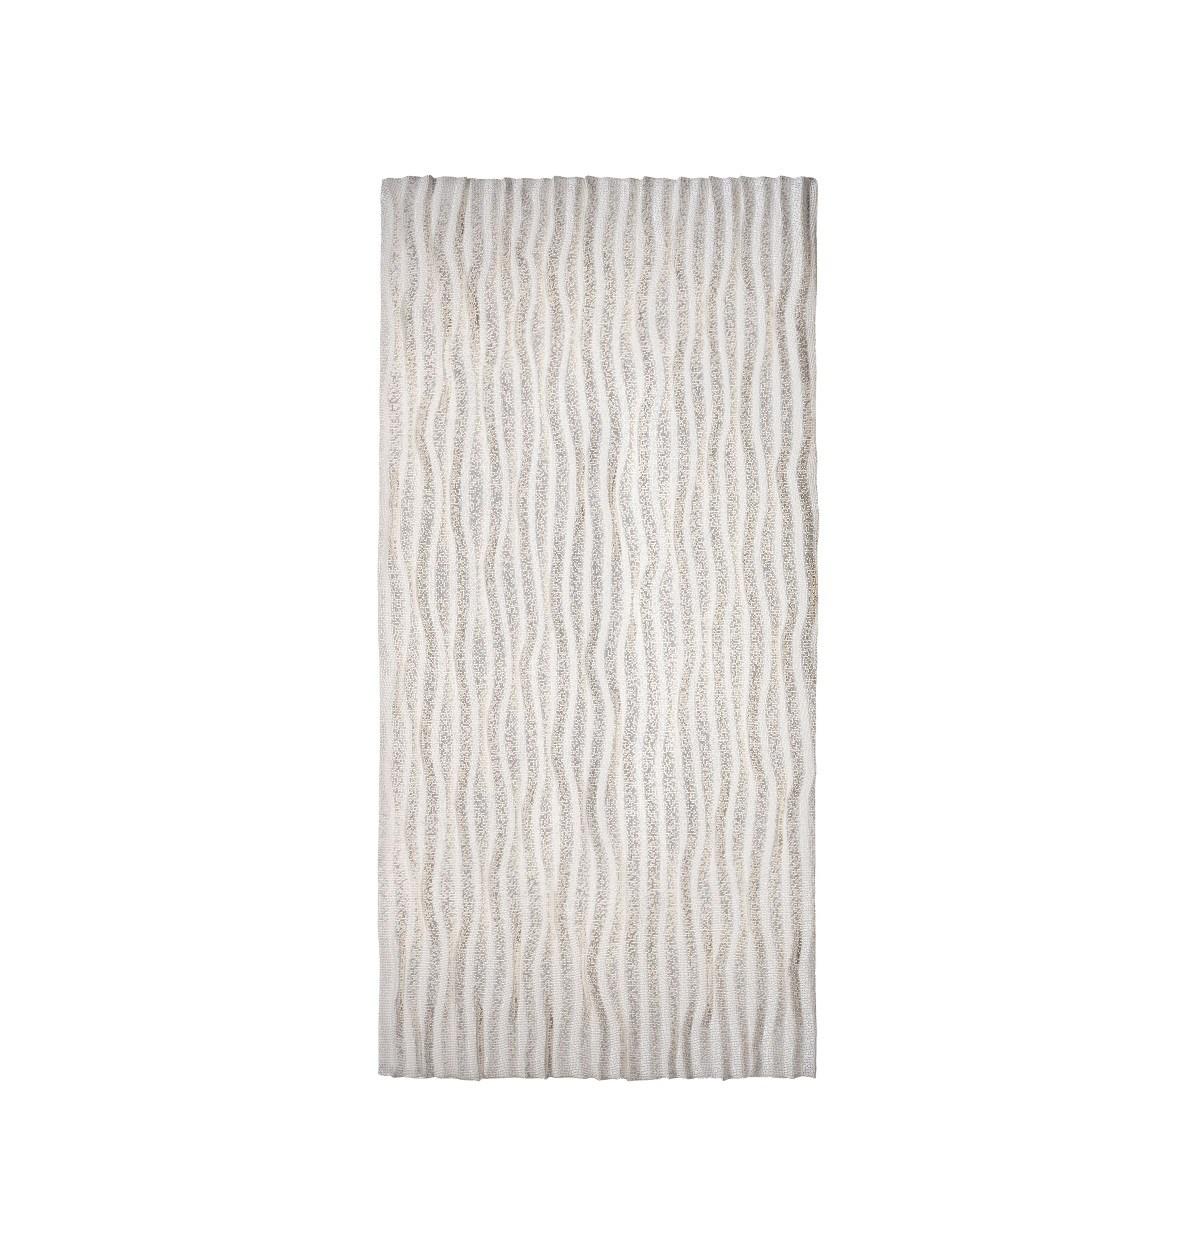 Arturo-Alvarez-Planum-Wall-Ceiling-Light-Matisse-1